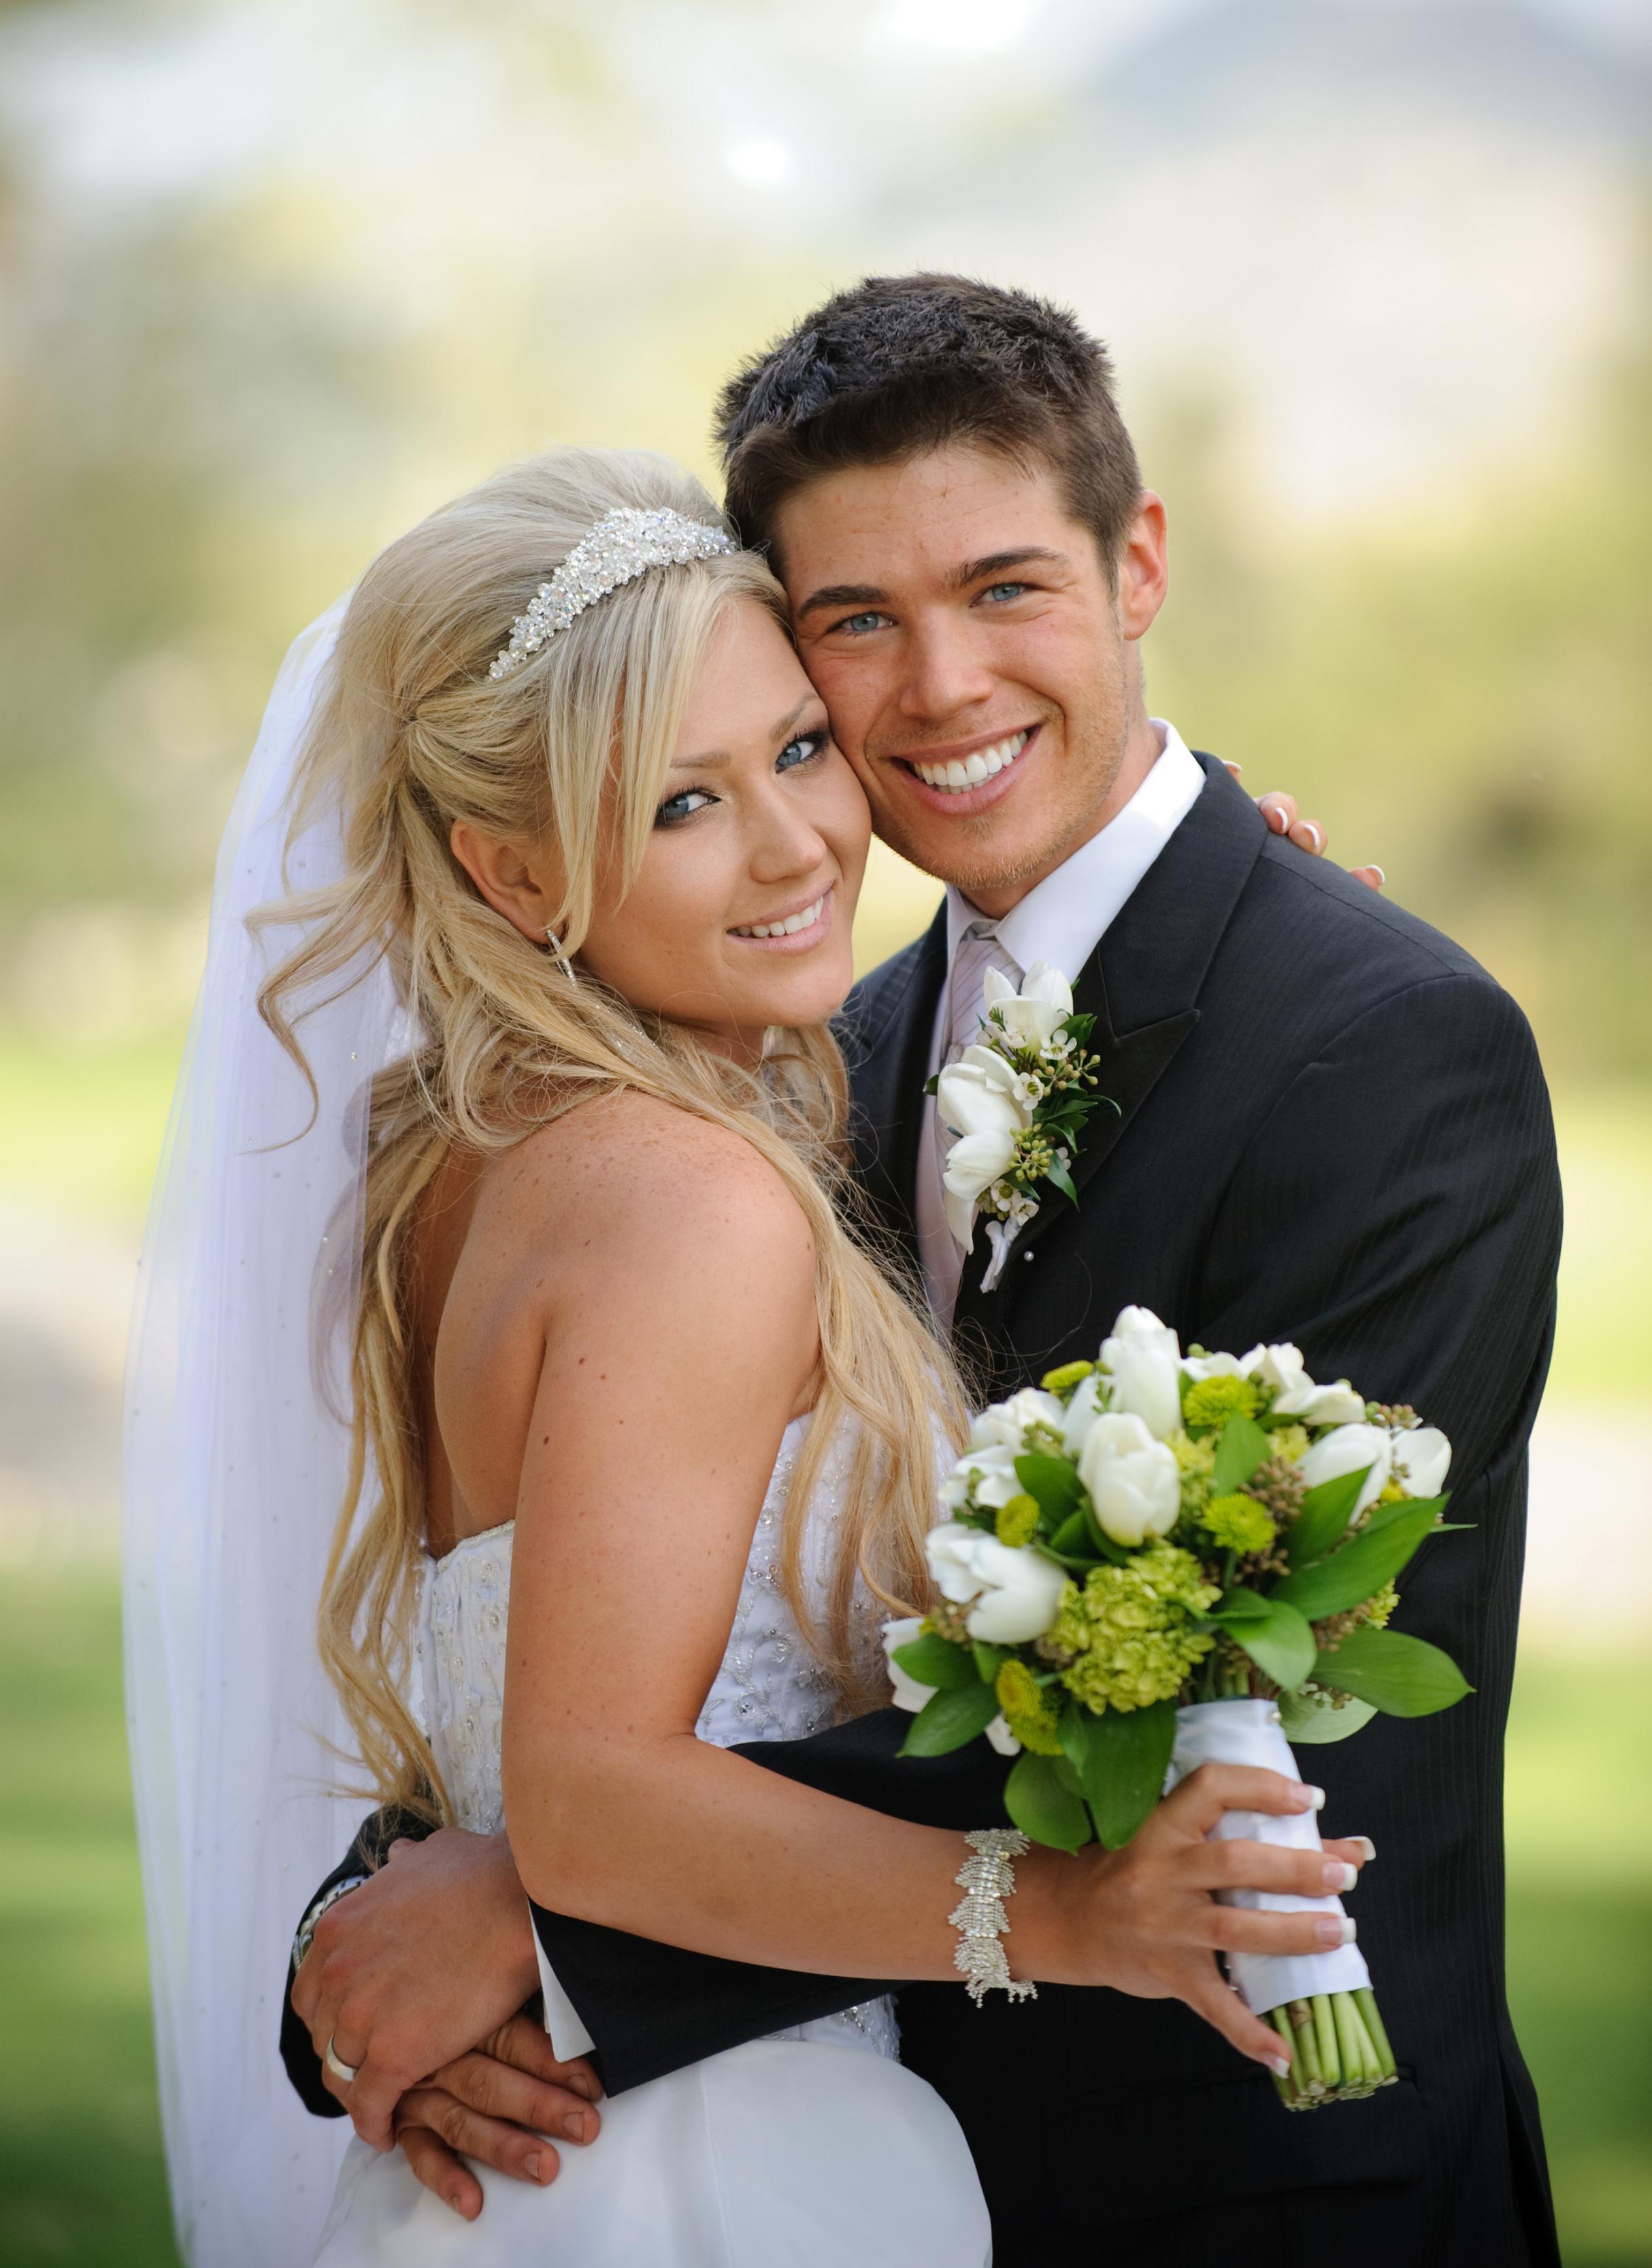 صورة صور عروس وعريس , خلفيات عن ليلة العمر